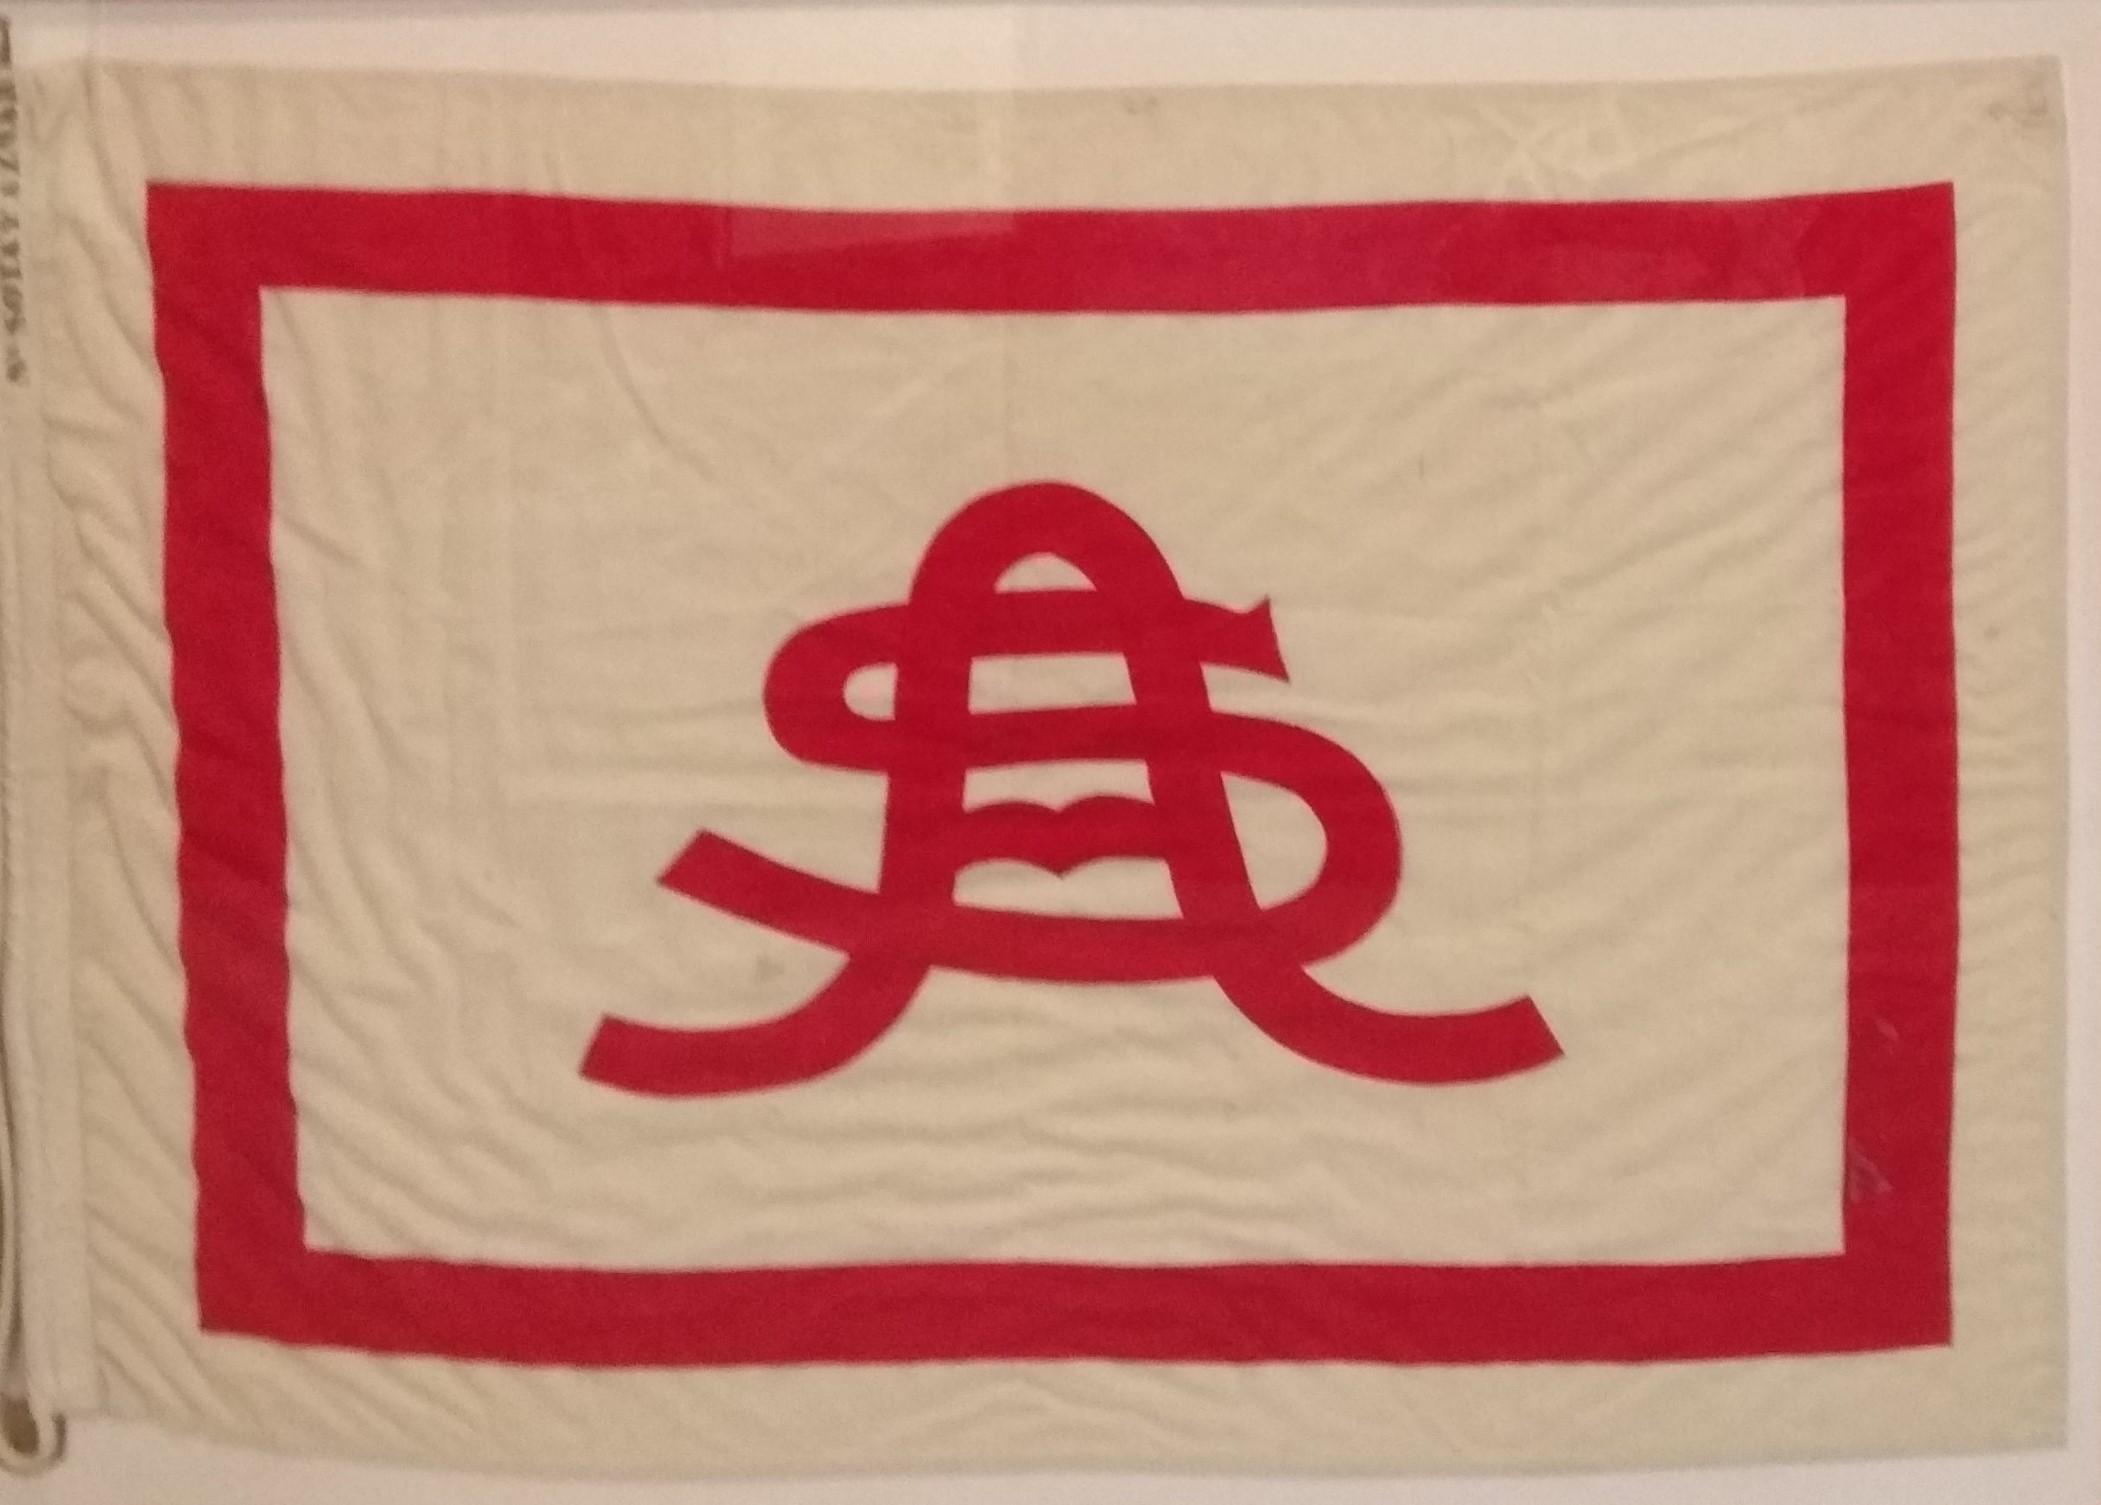 Bandera de la Naviera Sota y Aznar